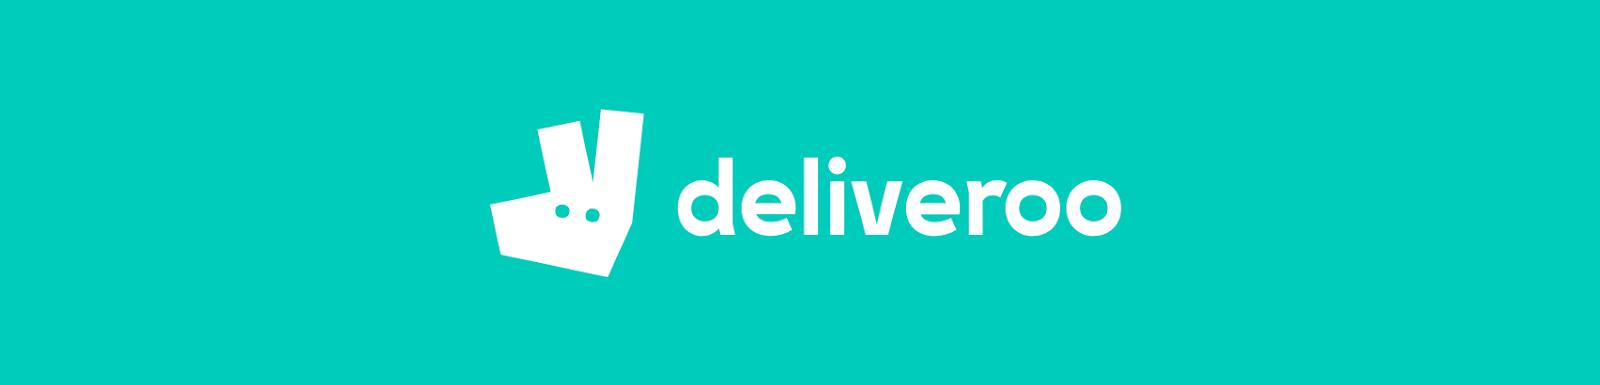 Deliveroo – обзор сервиса по доставке еды в Великобритании